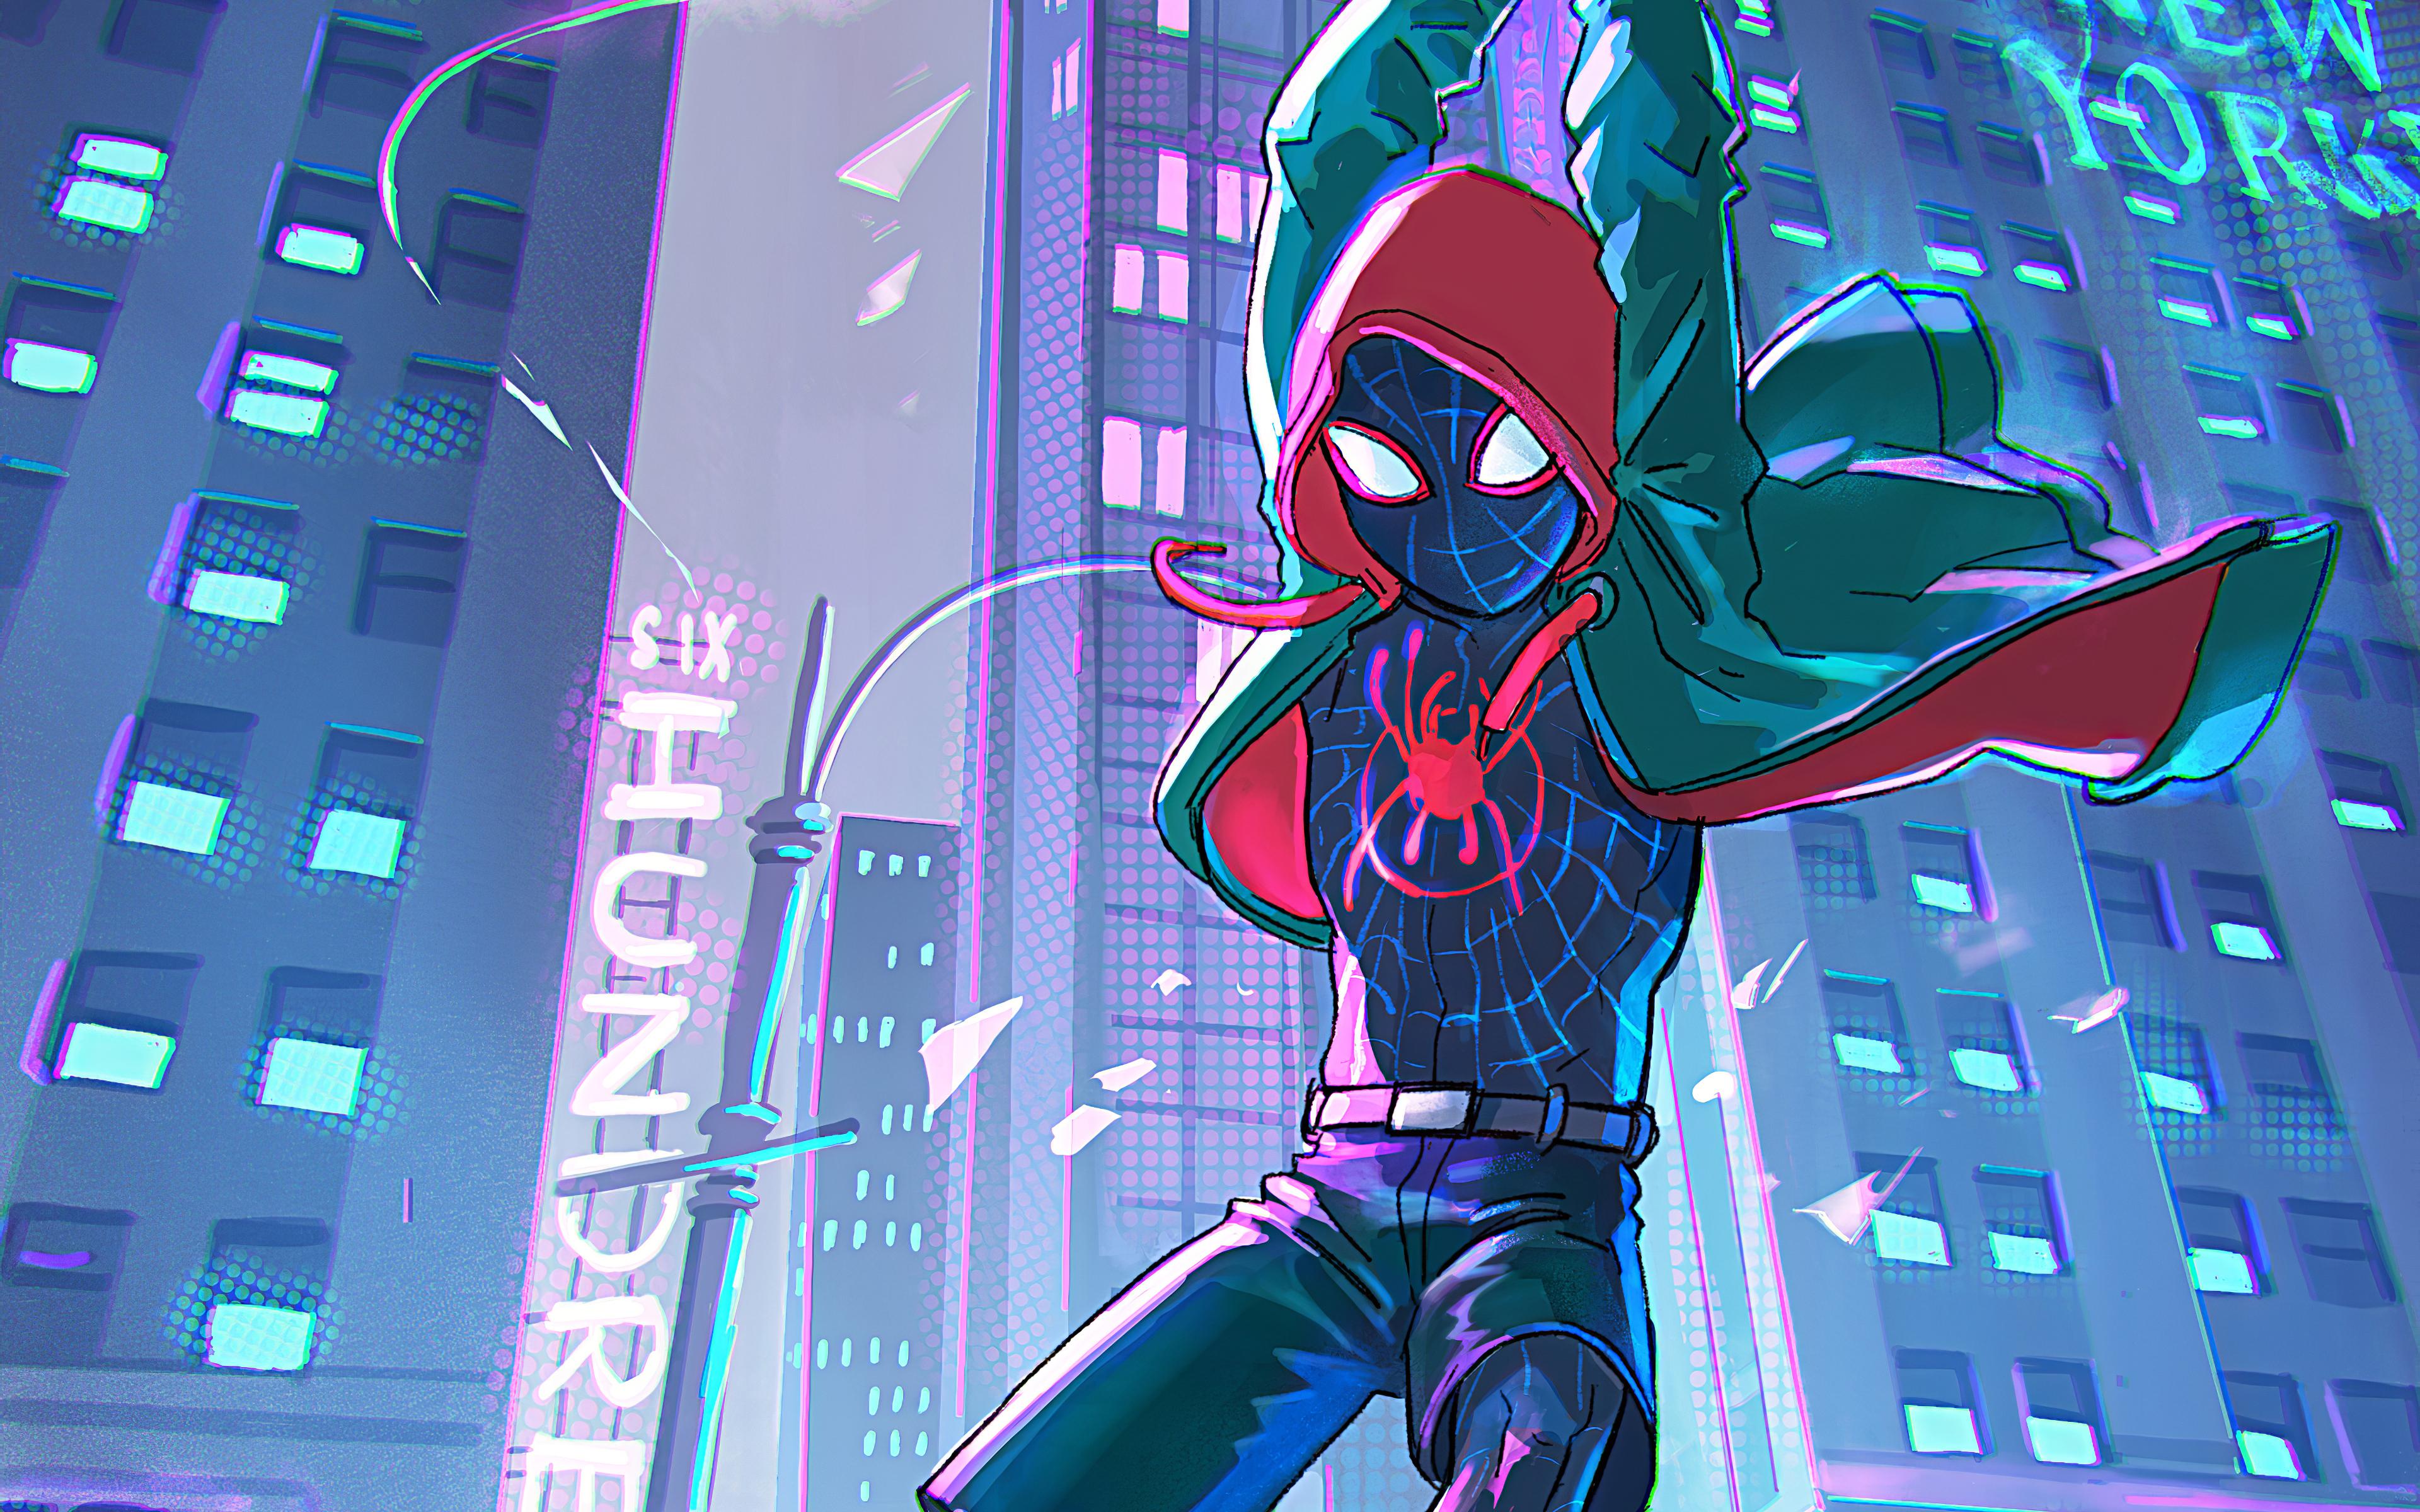 Wallpaper 4k Spiderman Into The Spider Verse Art Spider Man 4k